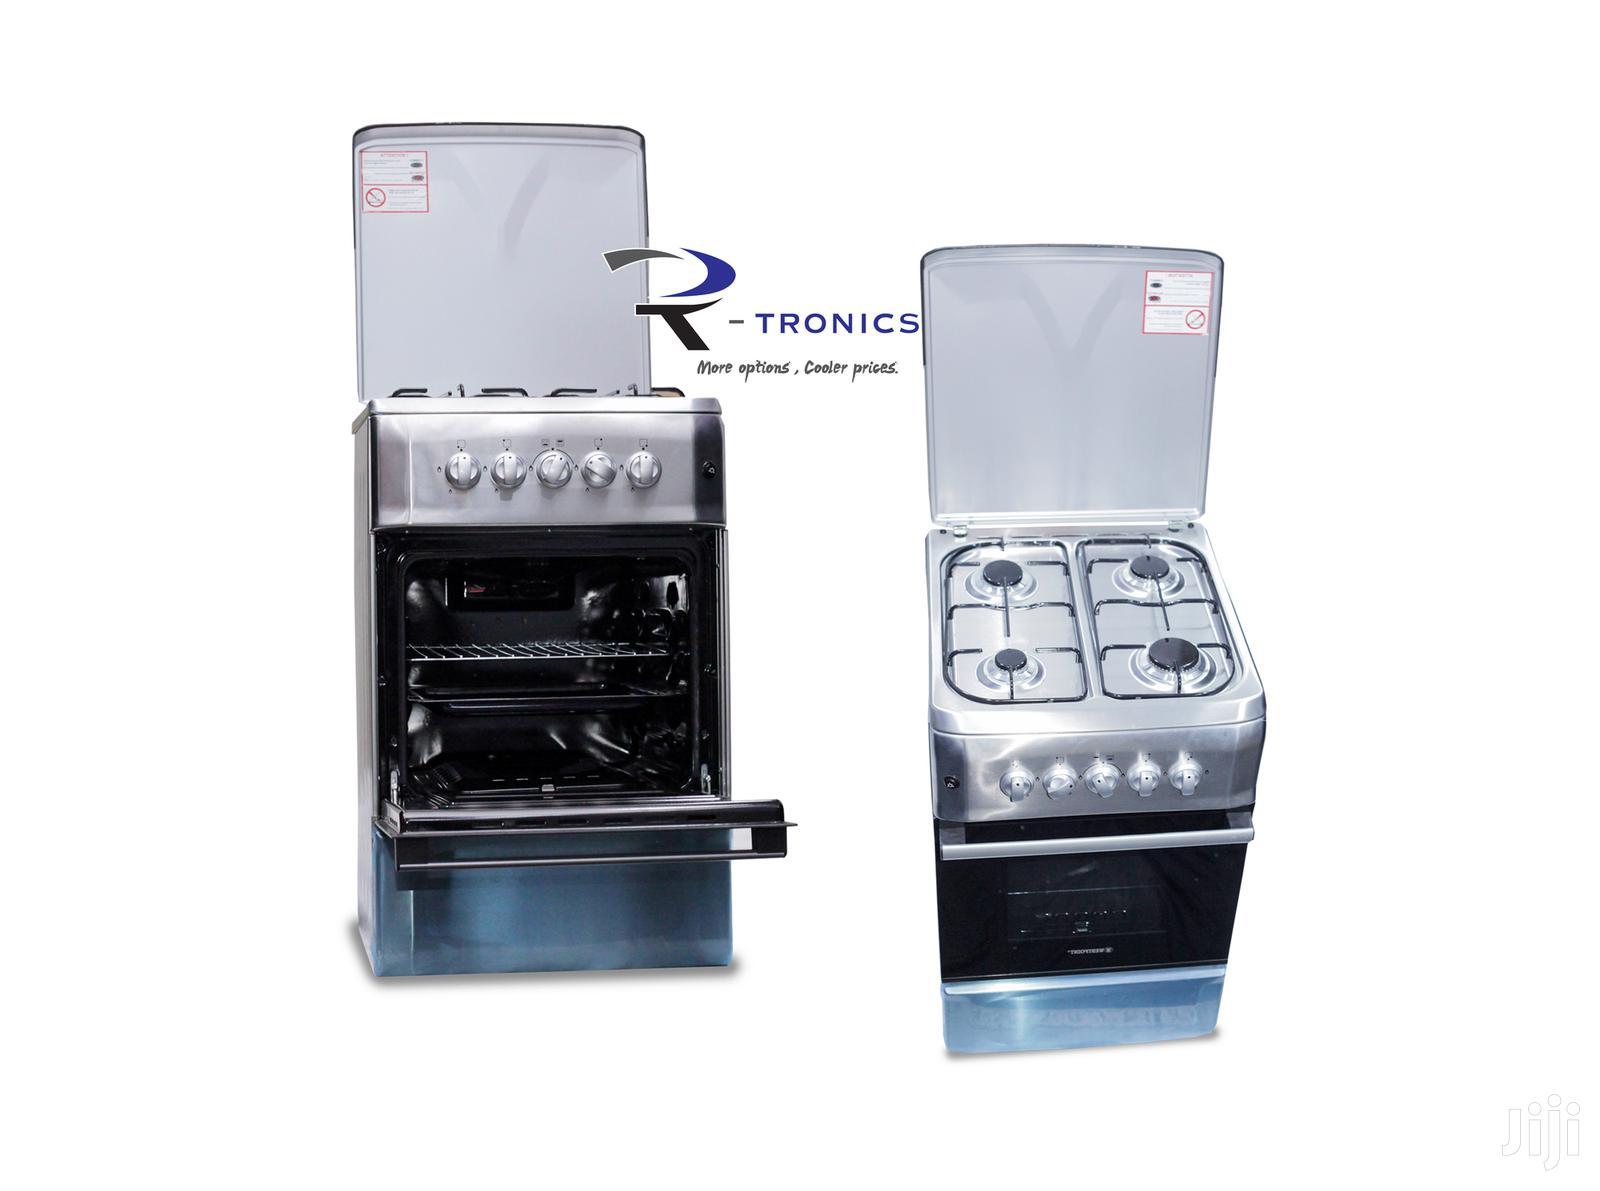 WESTPOINT 50x55cm 4 Gas Burner Oven Grill